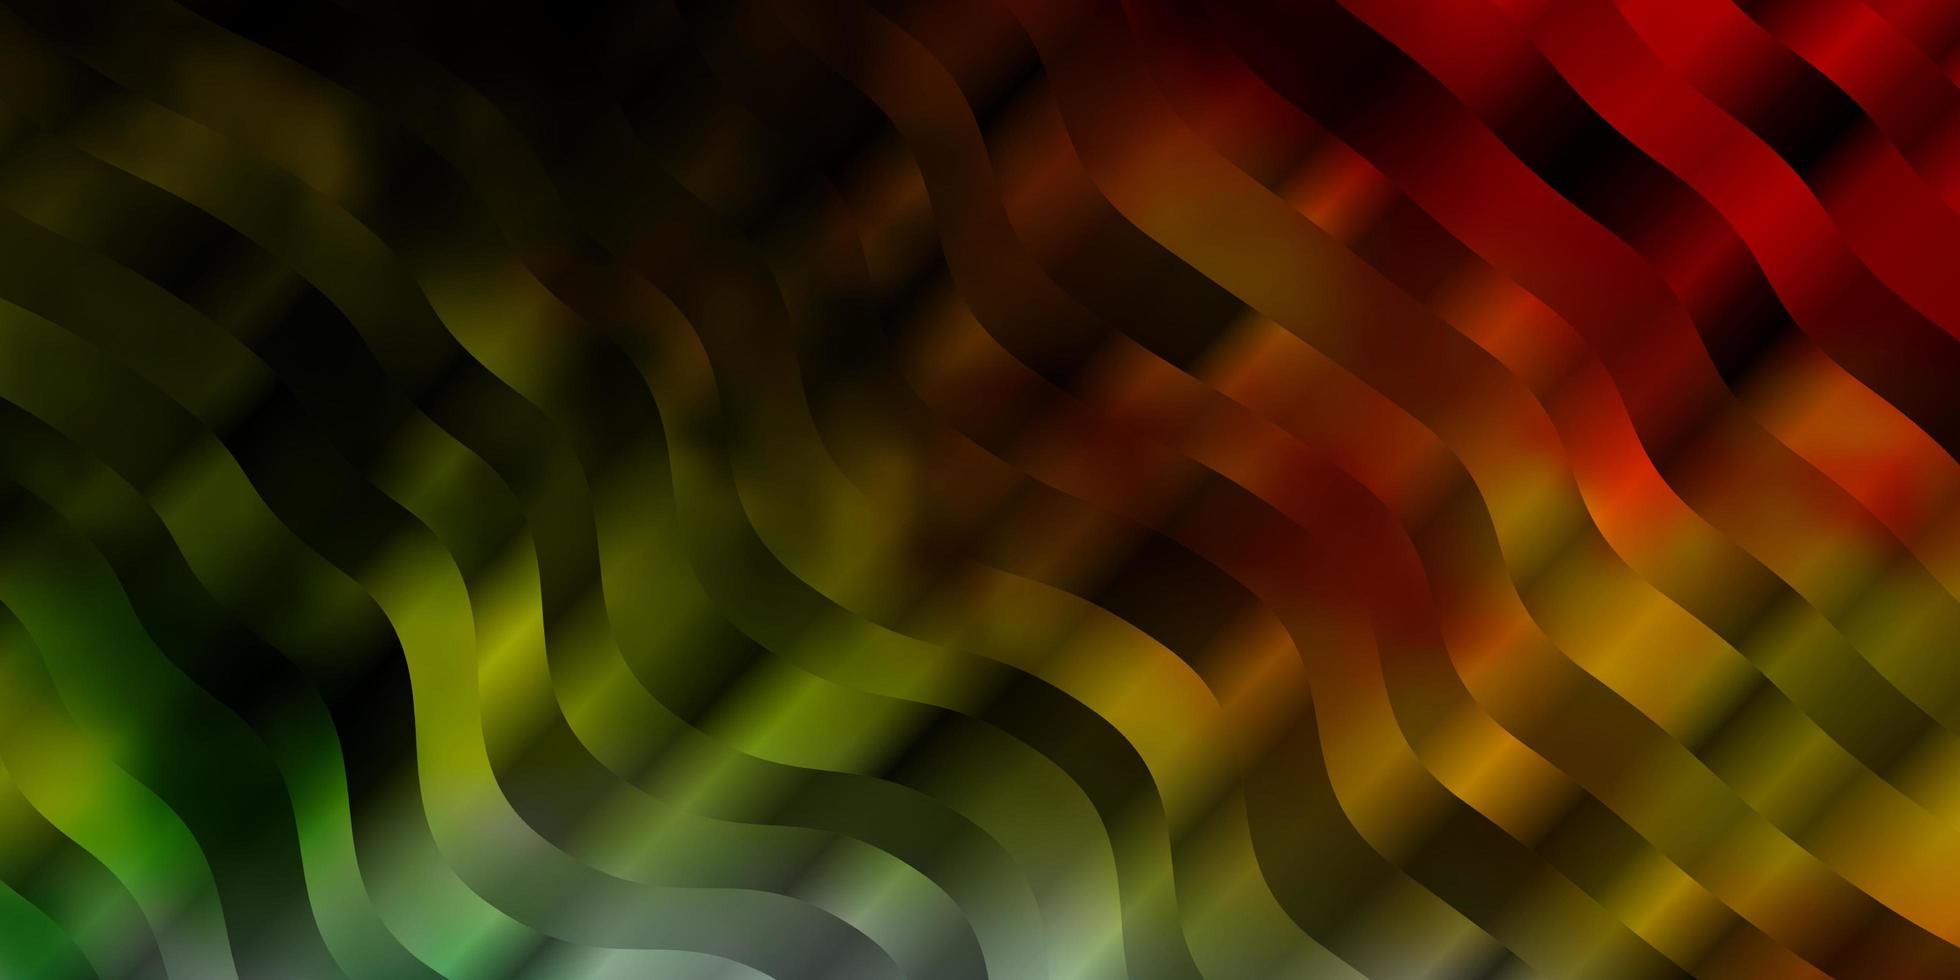 padrão vermelho e verde com linhas irônicas. vetor